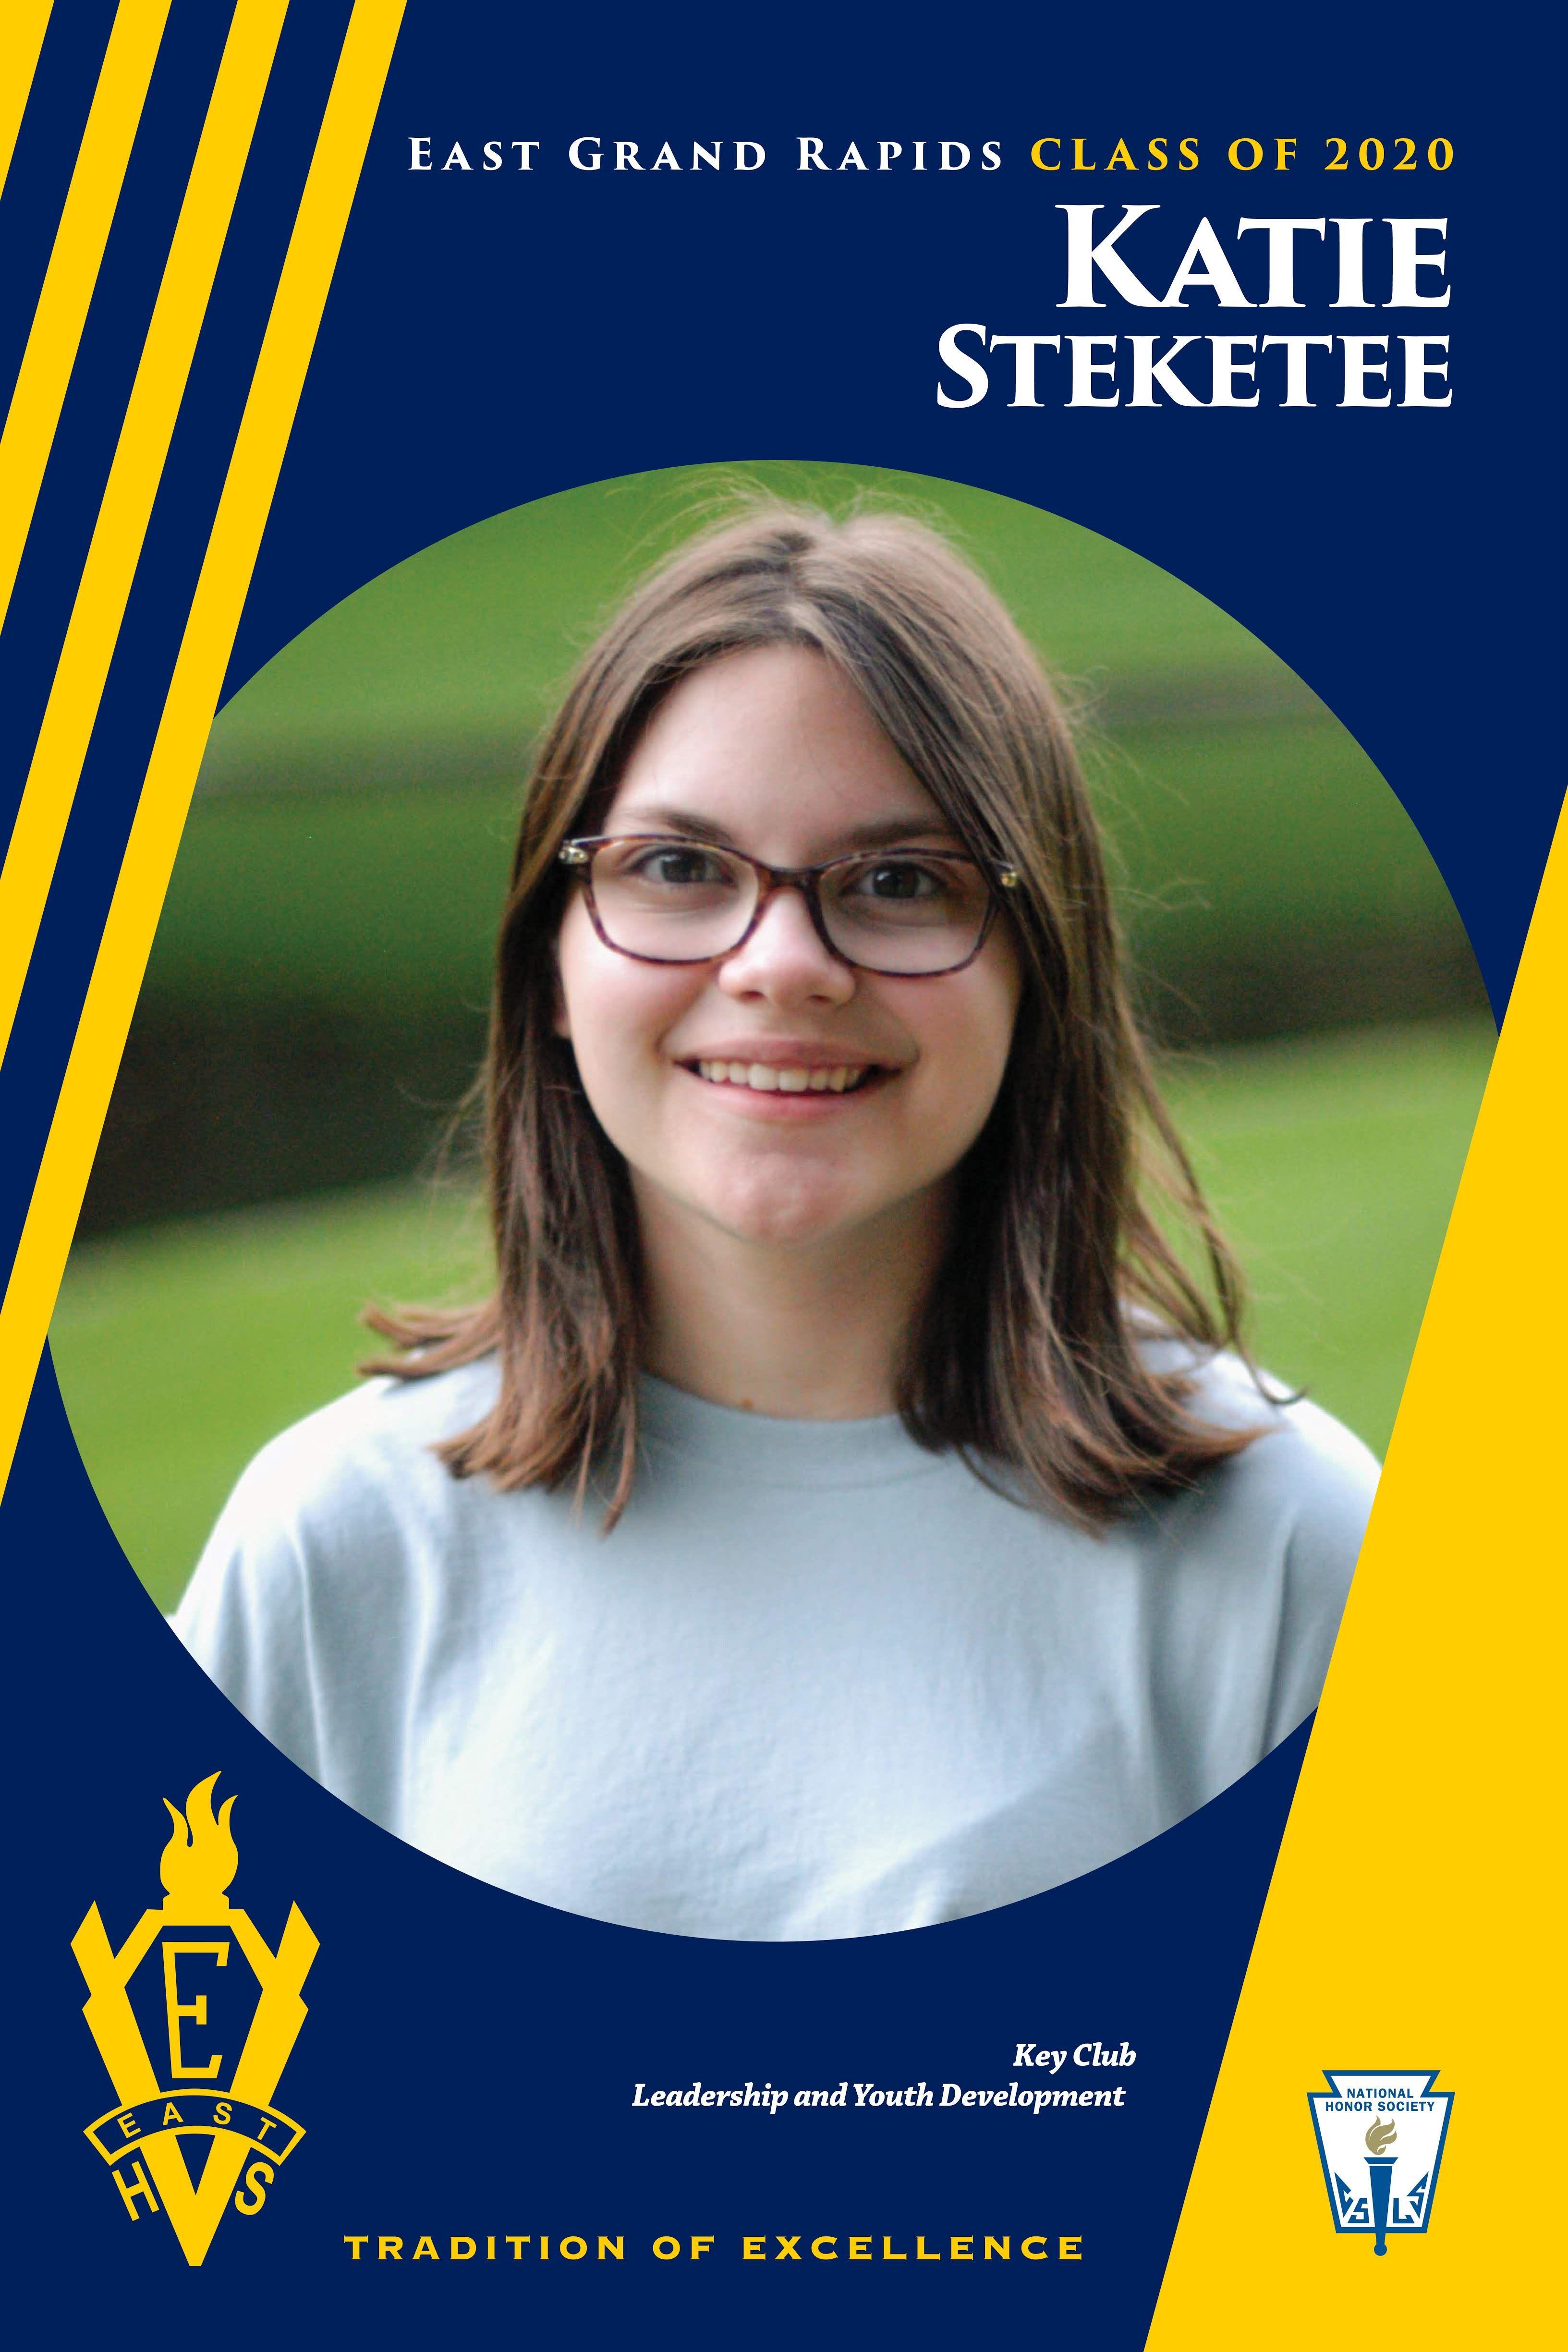 Katie Steketee